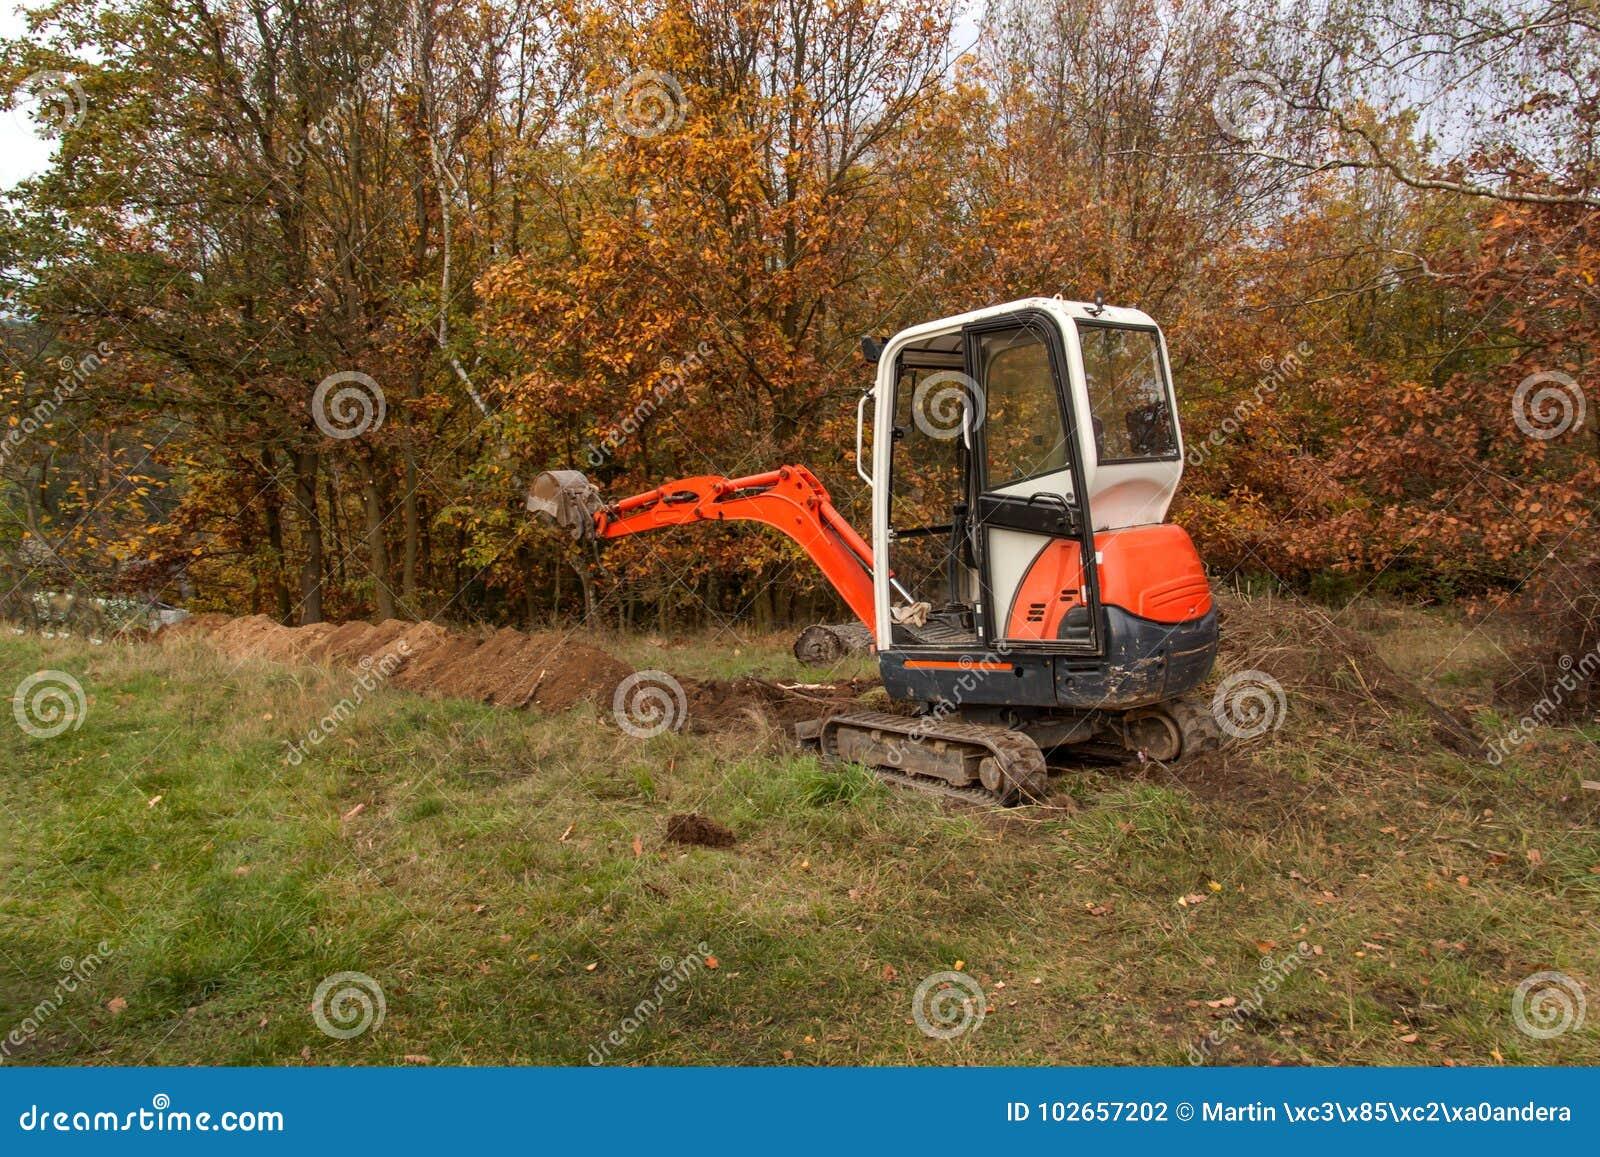 Мини экскаватор на строительной площадке Конструкция дома семьи около леса